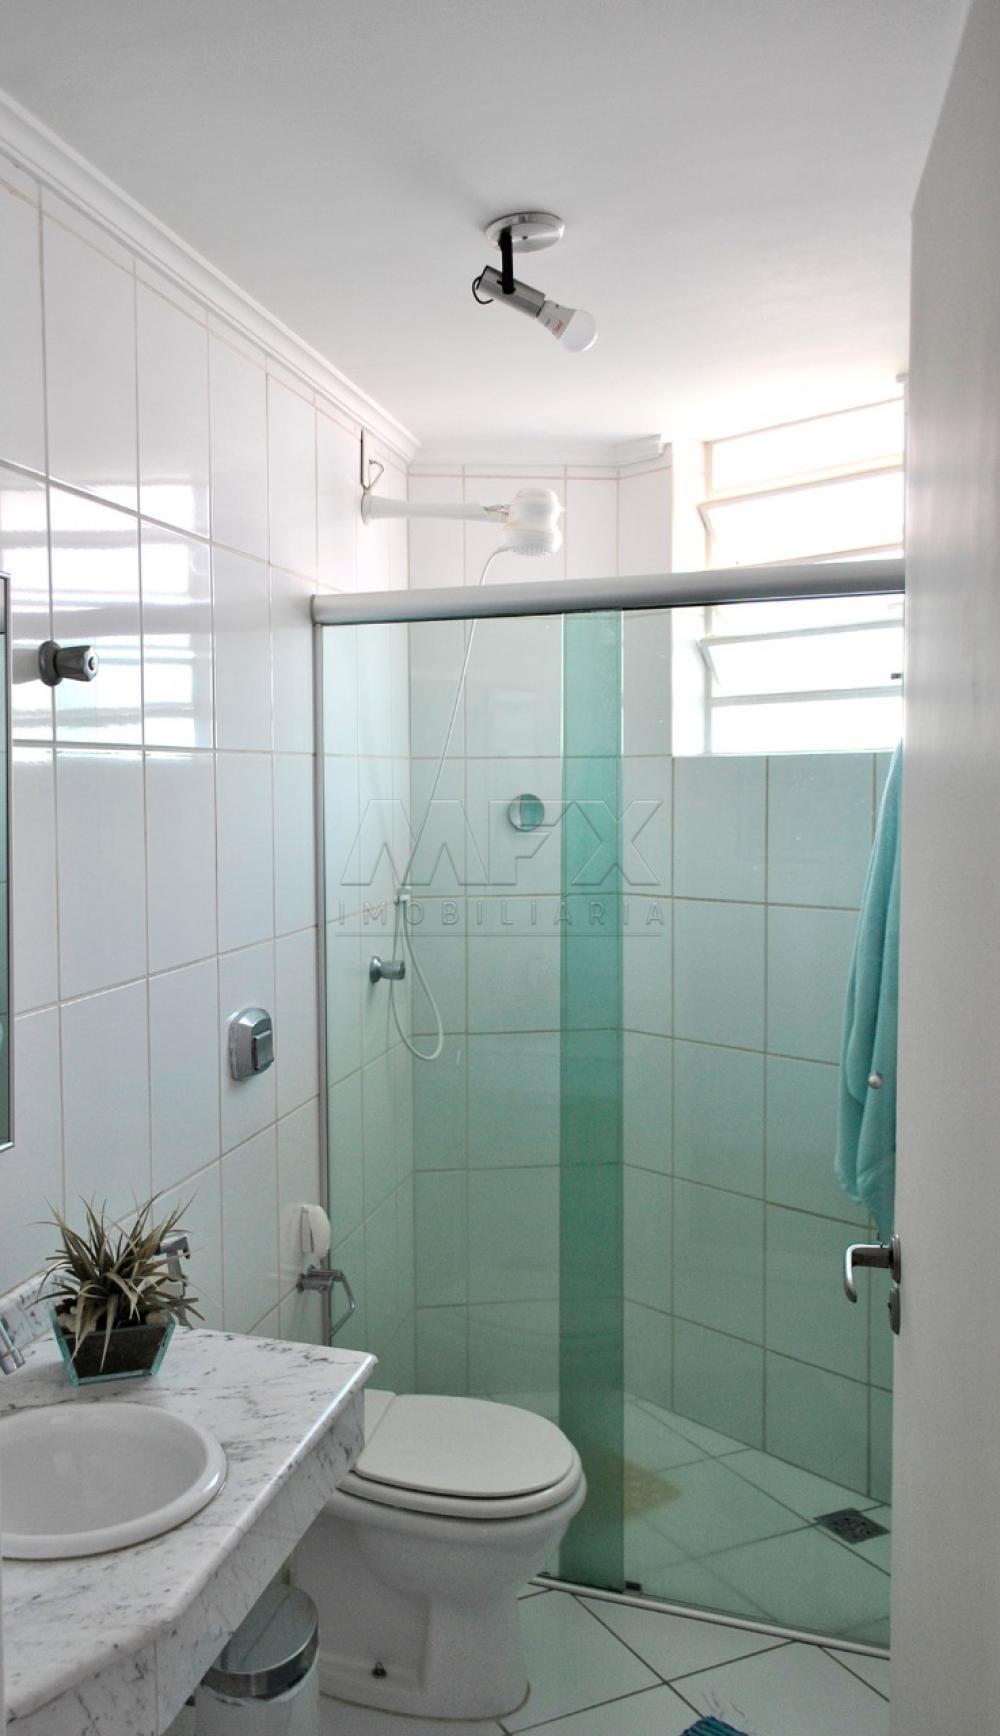 Comprar Apartamento / Padrão em Bauru R$ 320.000,00 - Foto 15